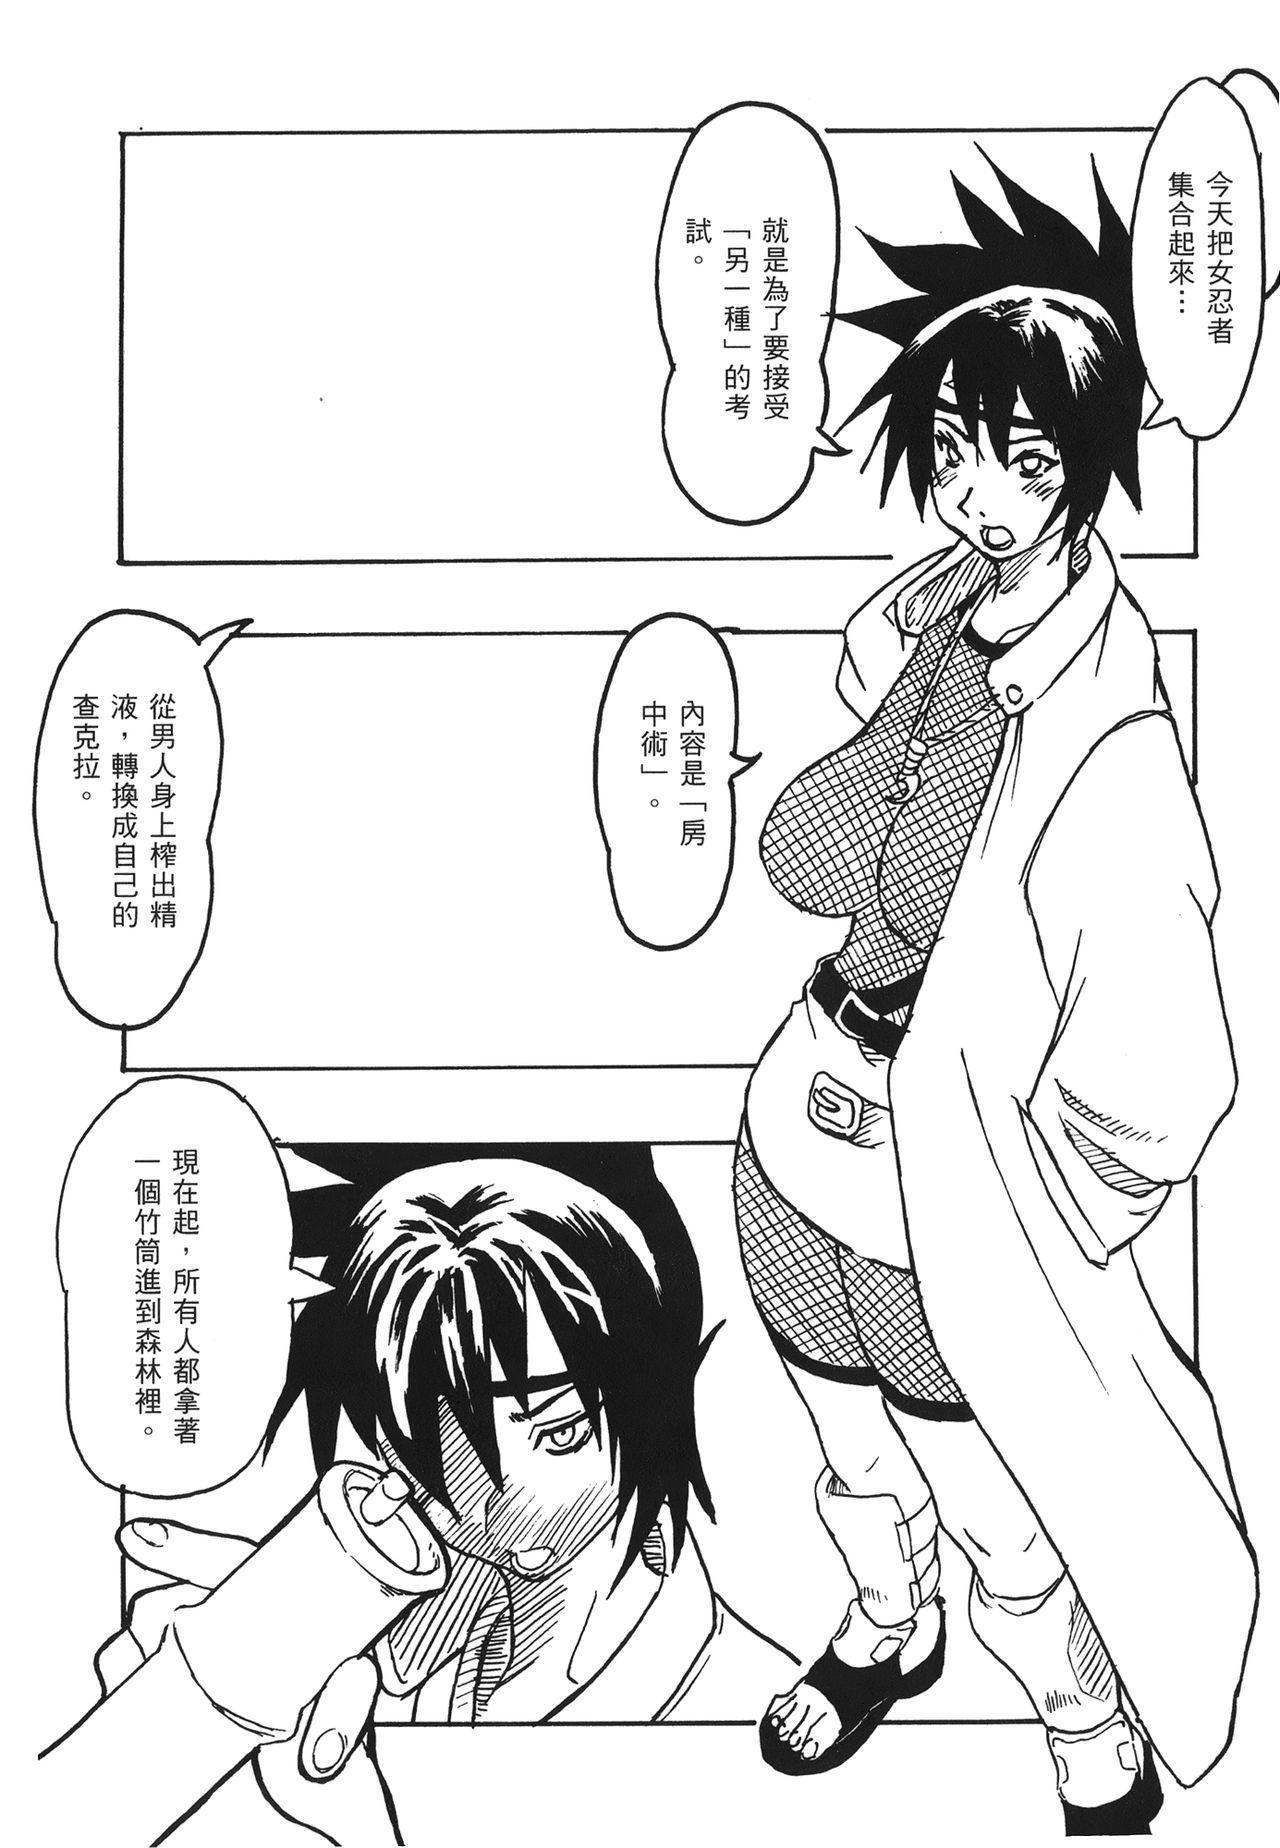 naruto ninja biography vol.07 58